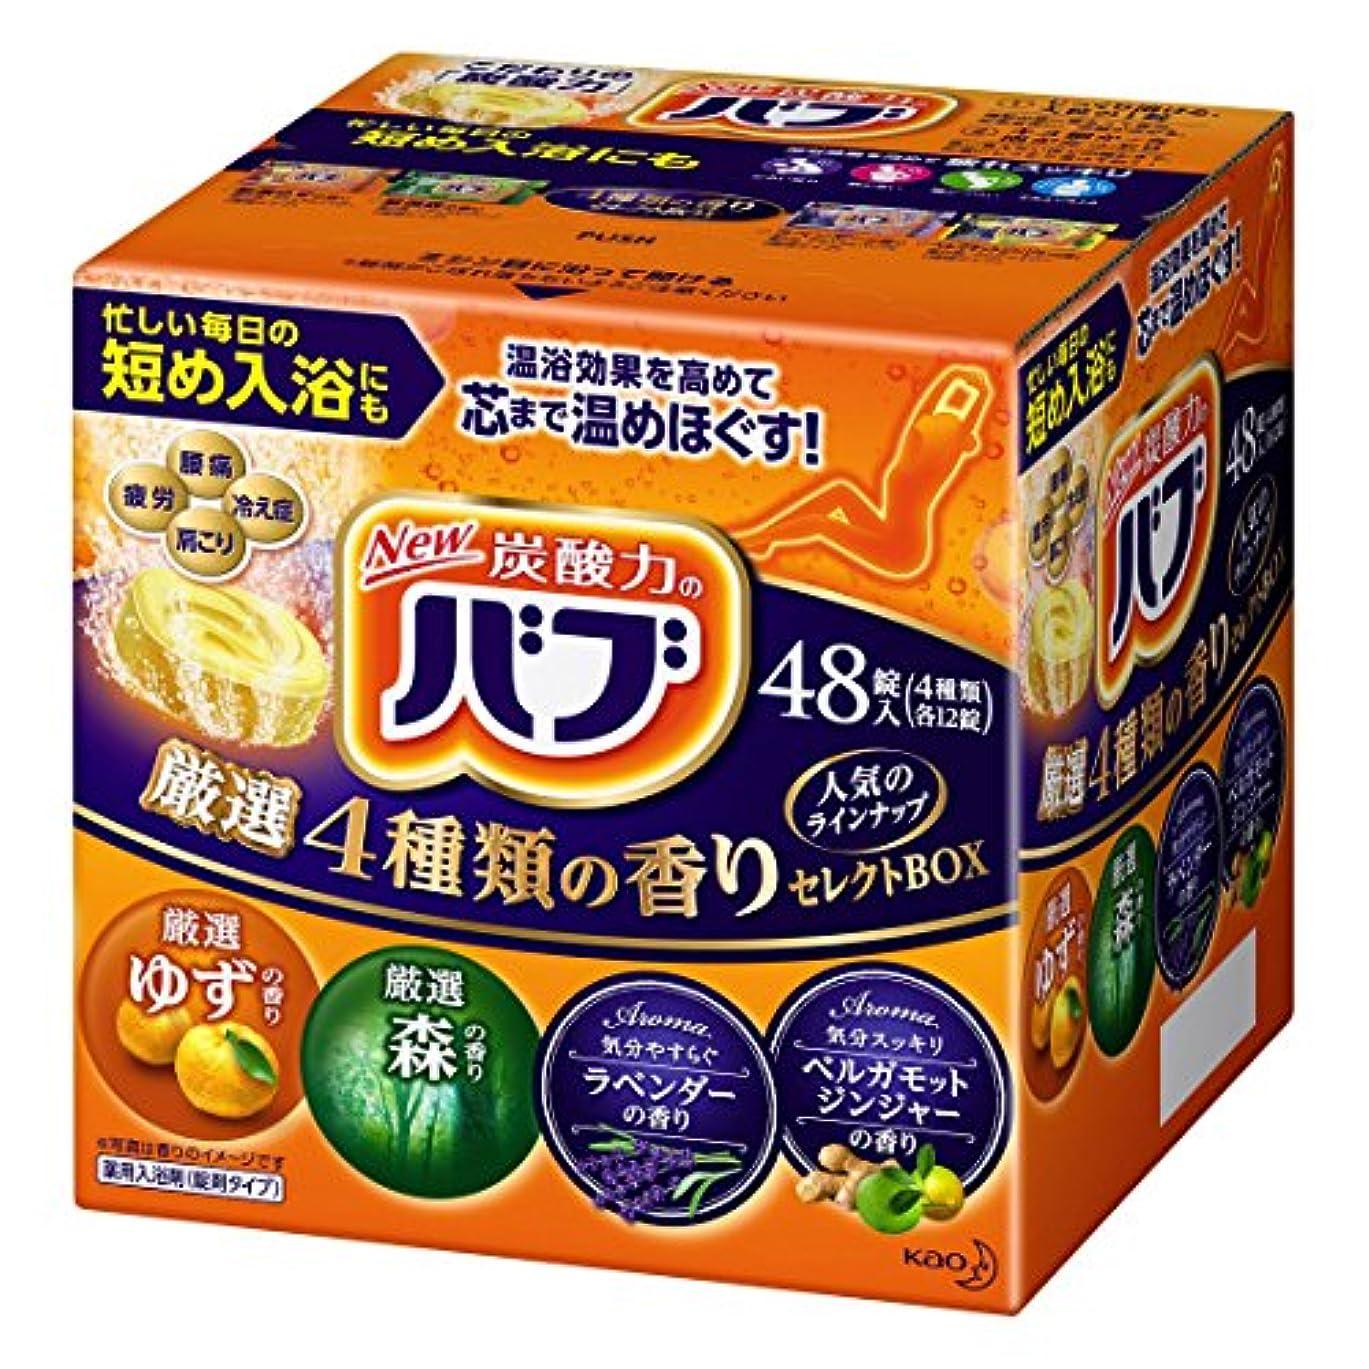 告白するスクラップ魔女【大容量】バブ 厳選4種類の香りセレクトBOX 48錠 炭酸 入浴剤